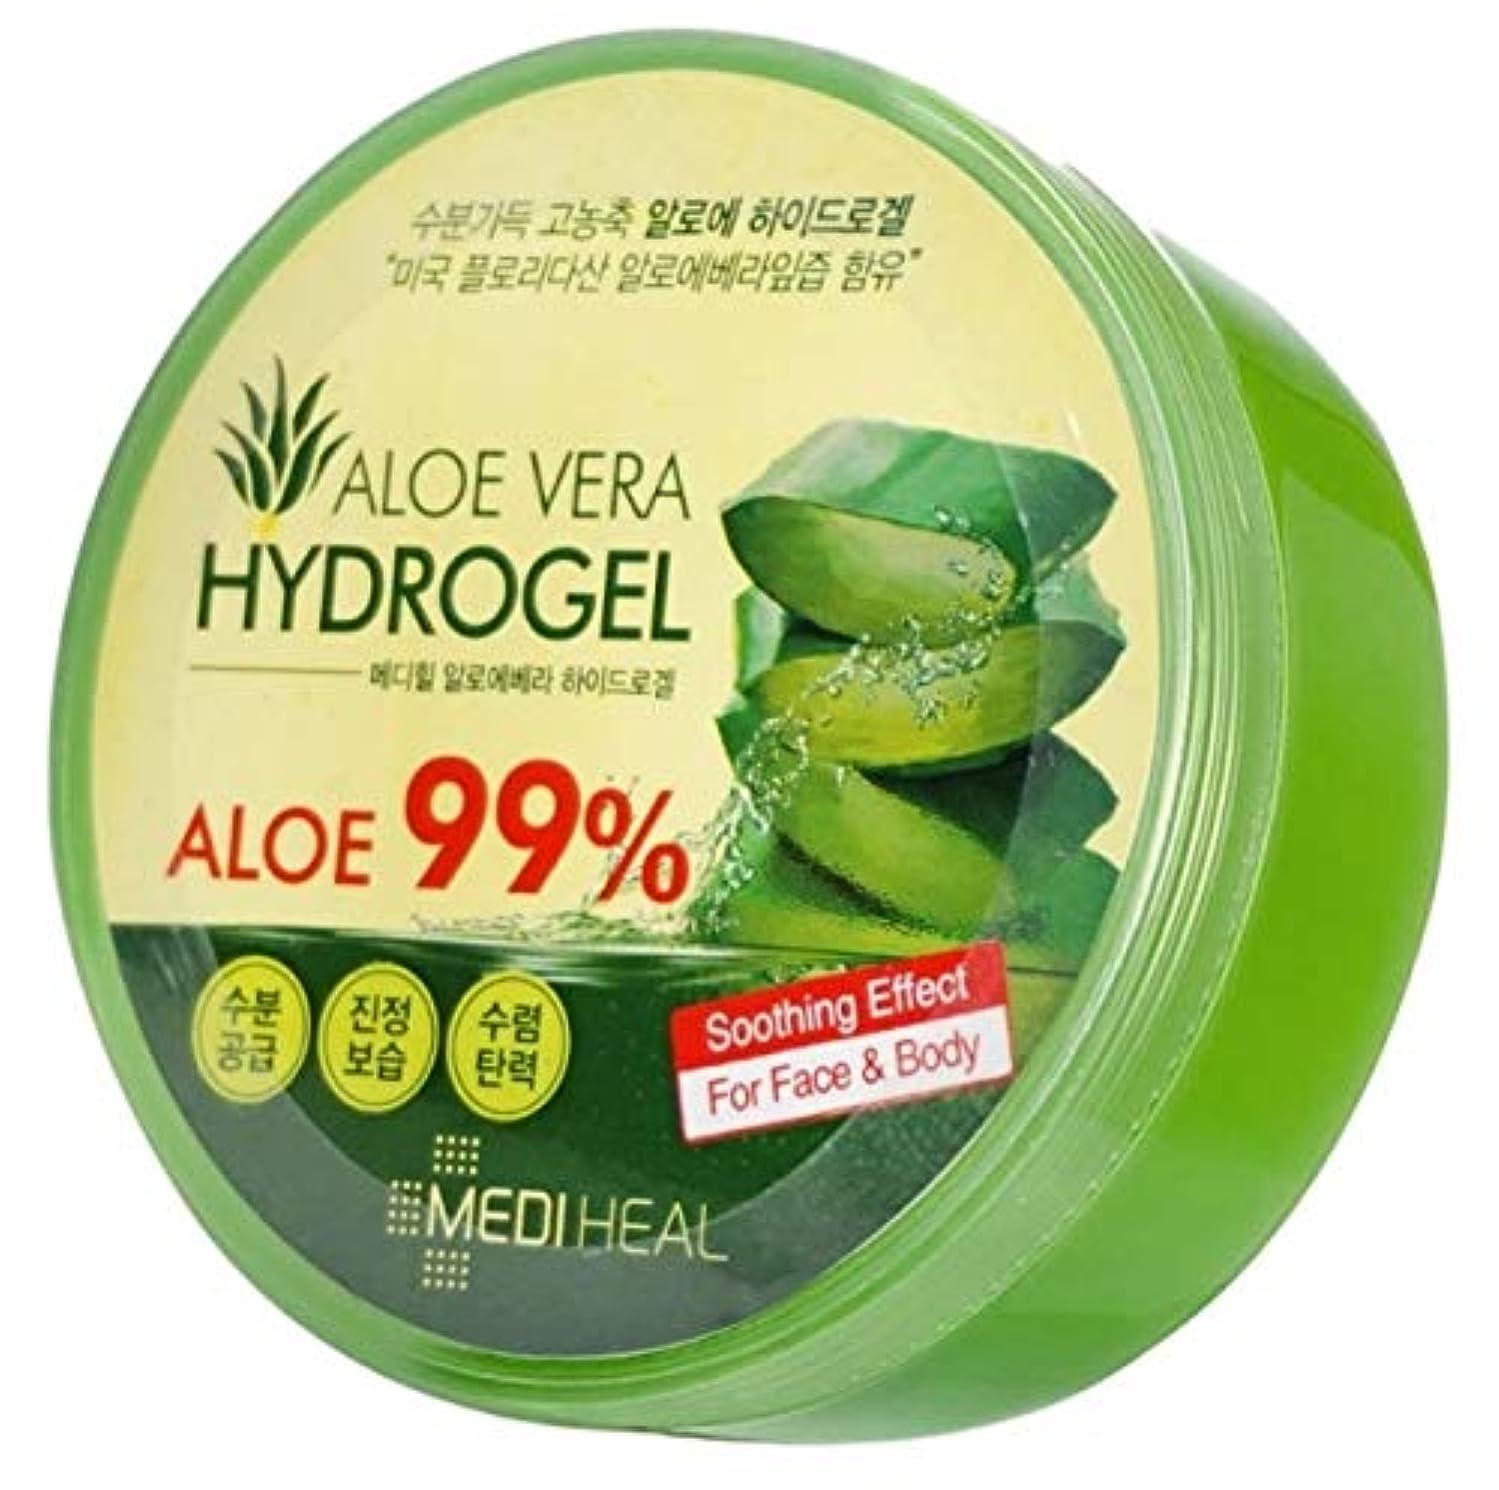 タンク賛辞累積Mediheal メディヒール Skin Soothing なだめるような & Moisture 水分 99% Aloe アロエ Vera Hydro Gels ハイドロゲル